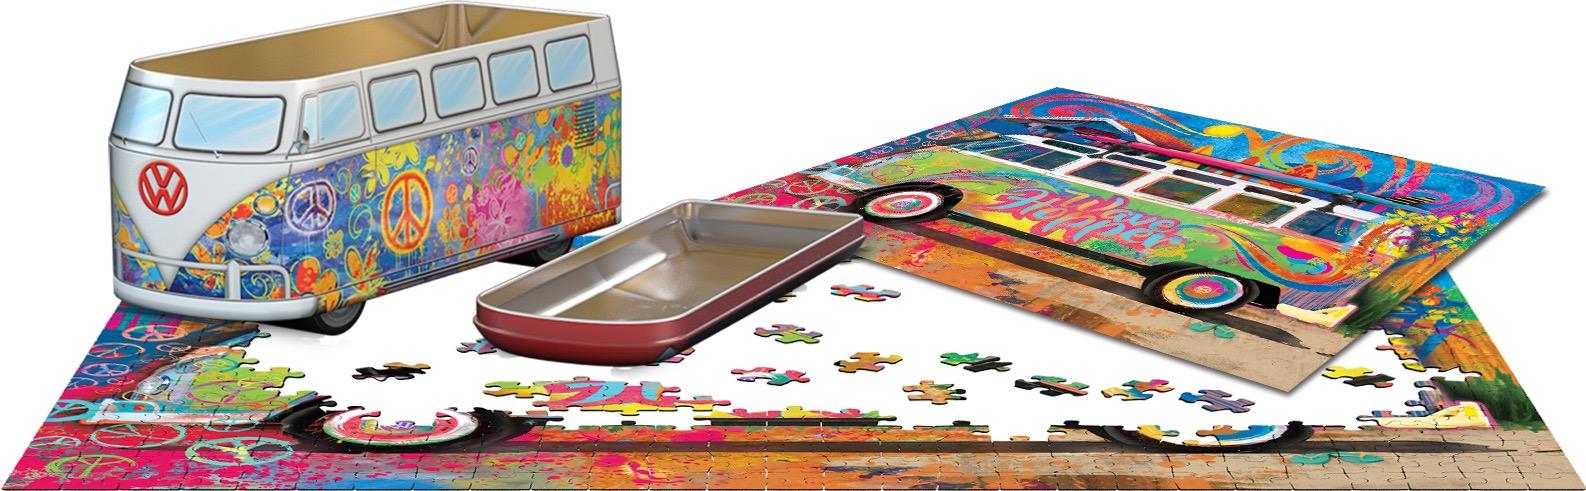 Eur-8551-5561,Puzzel puzzel in blik - vw wave hopper - 550 stuks